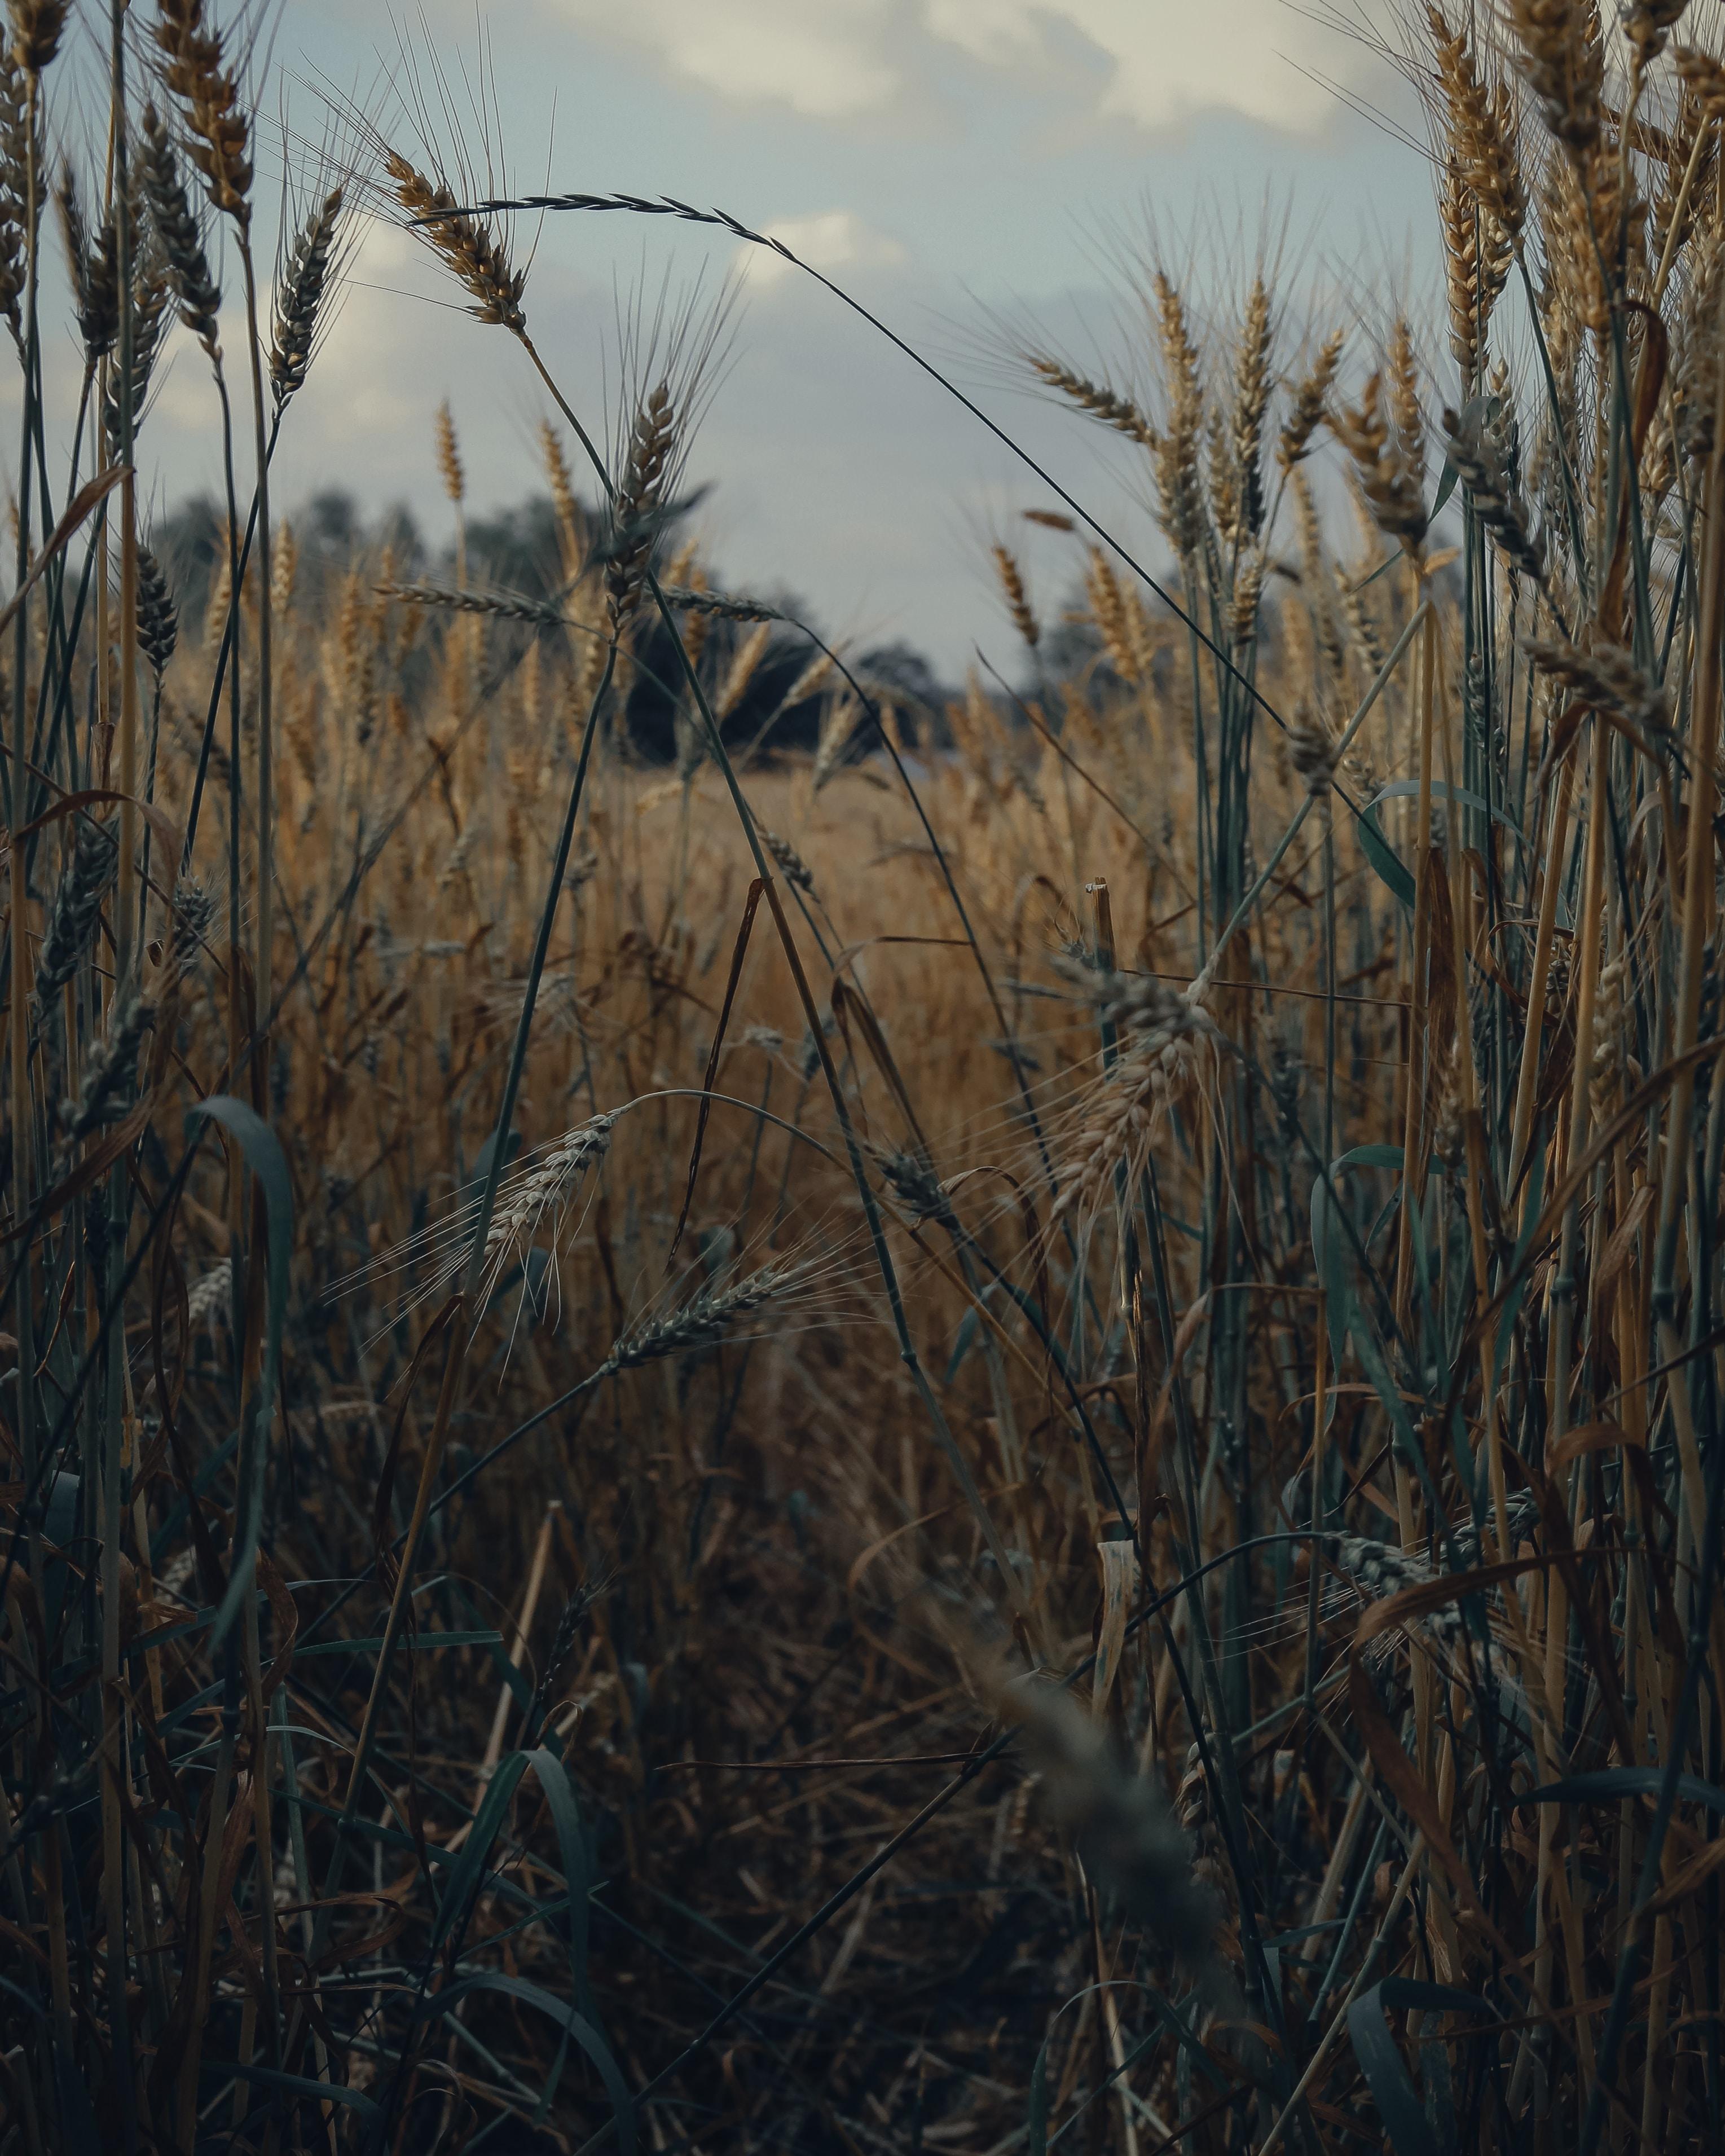 138096 скачать обои Природа, Колоски, Поле, Сухой, Урожай, Пшеница - заставки и картинки бесплатно